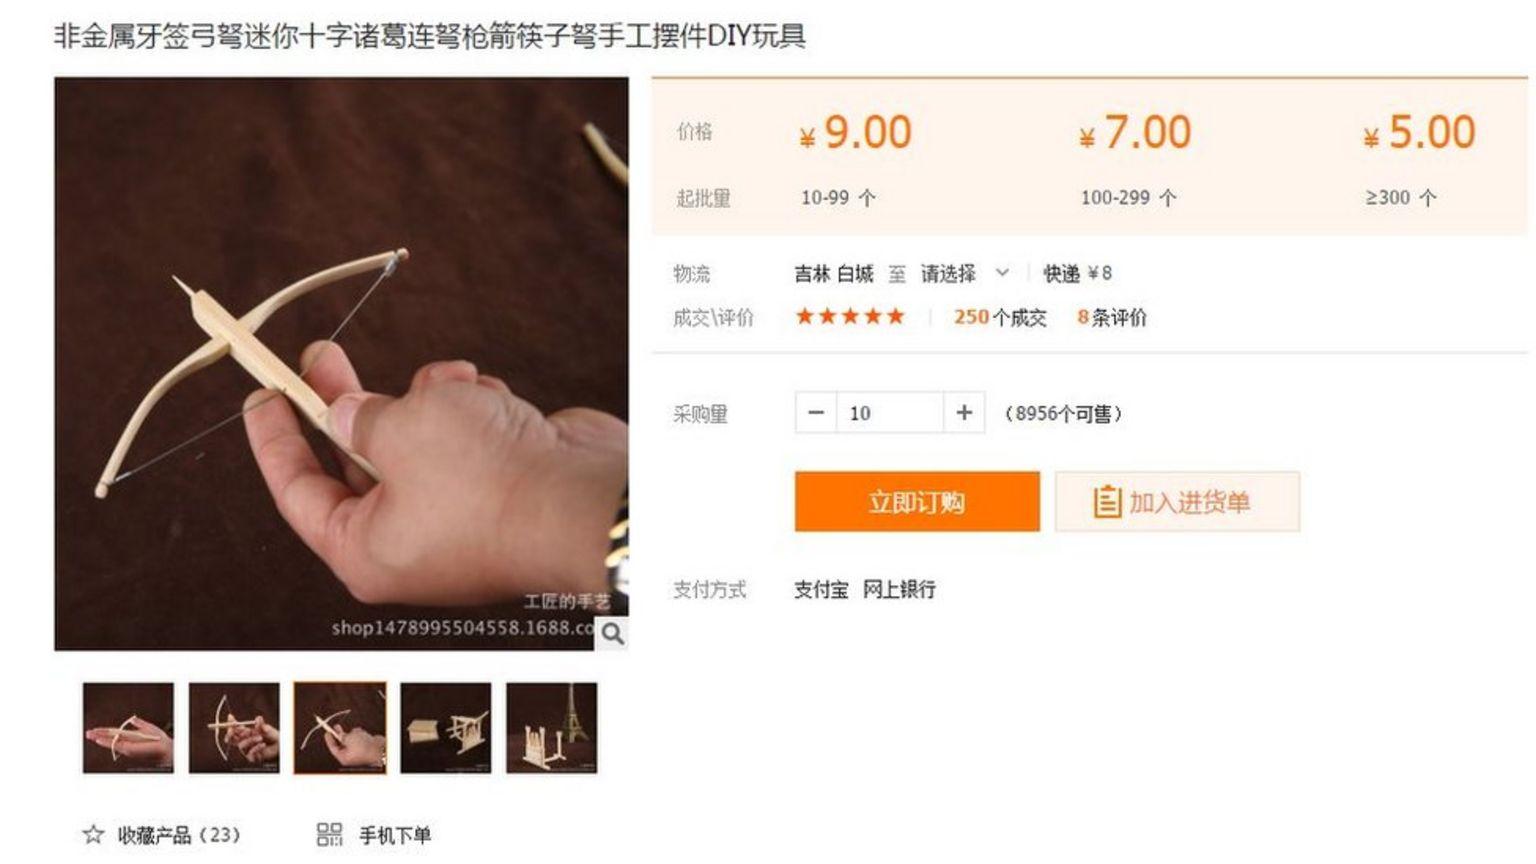 爪楊枝を発射する手のひらサイズのクロスボウ、中国の子どもに大人気 余りの威力のため販売禁止も [無断転載禁止]©2ch.net [545512288]YouTube動画>15本 ->画像>60枚